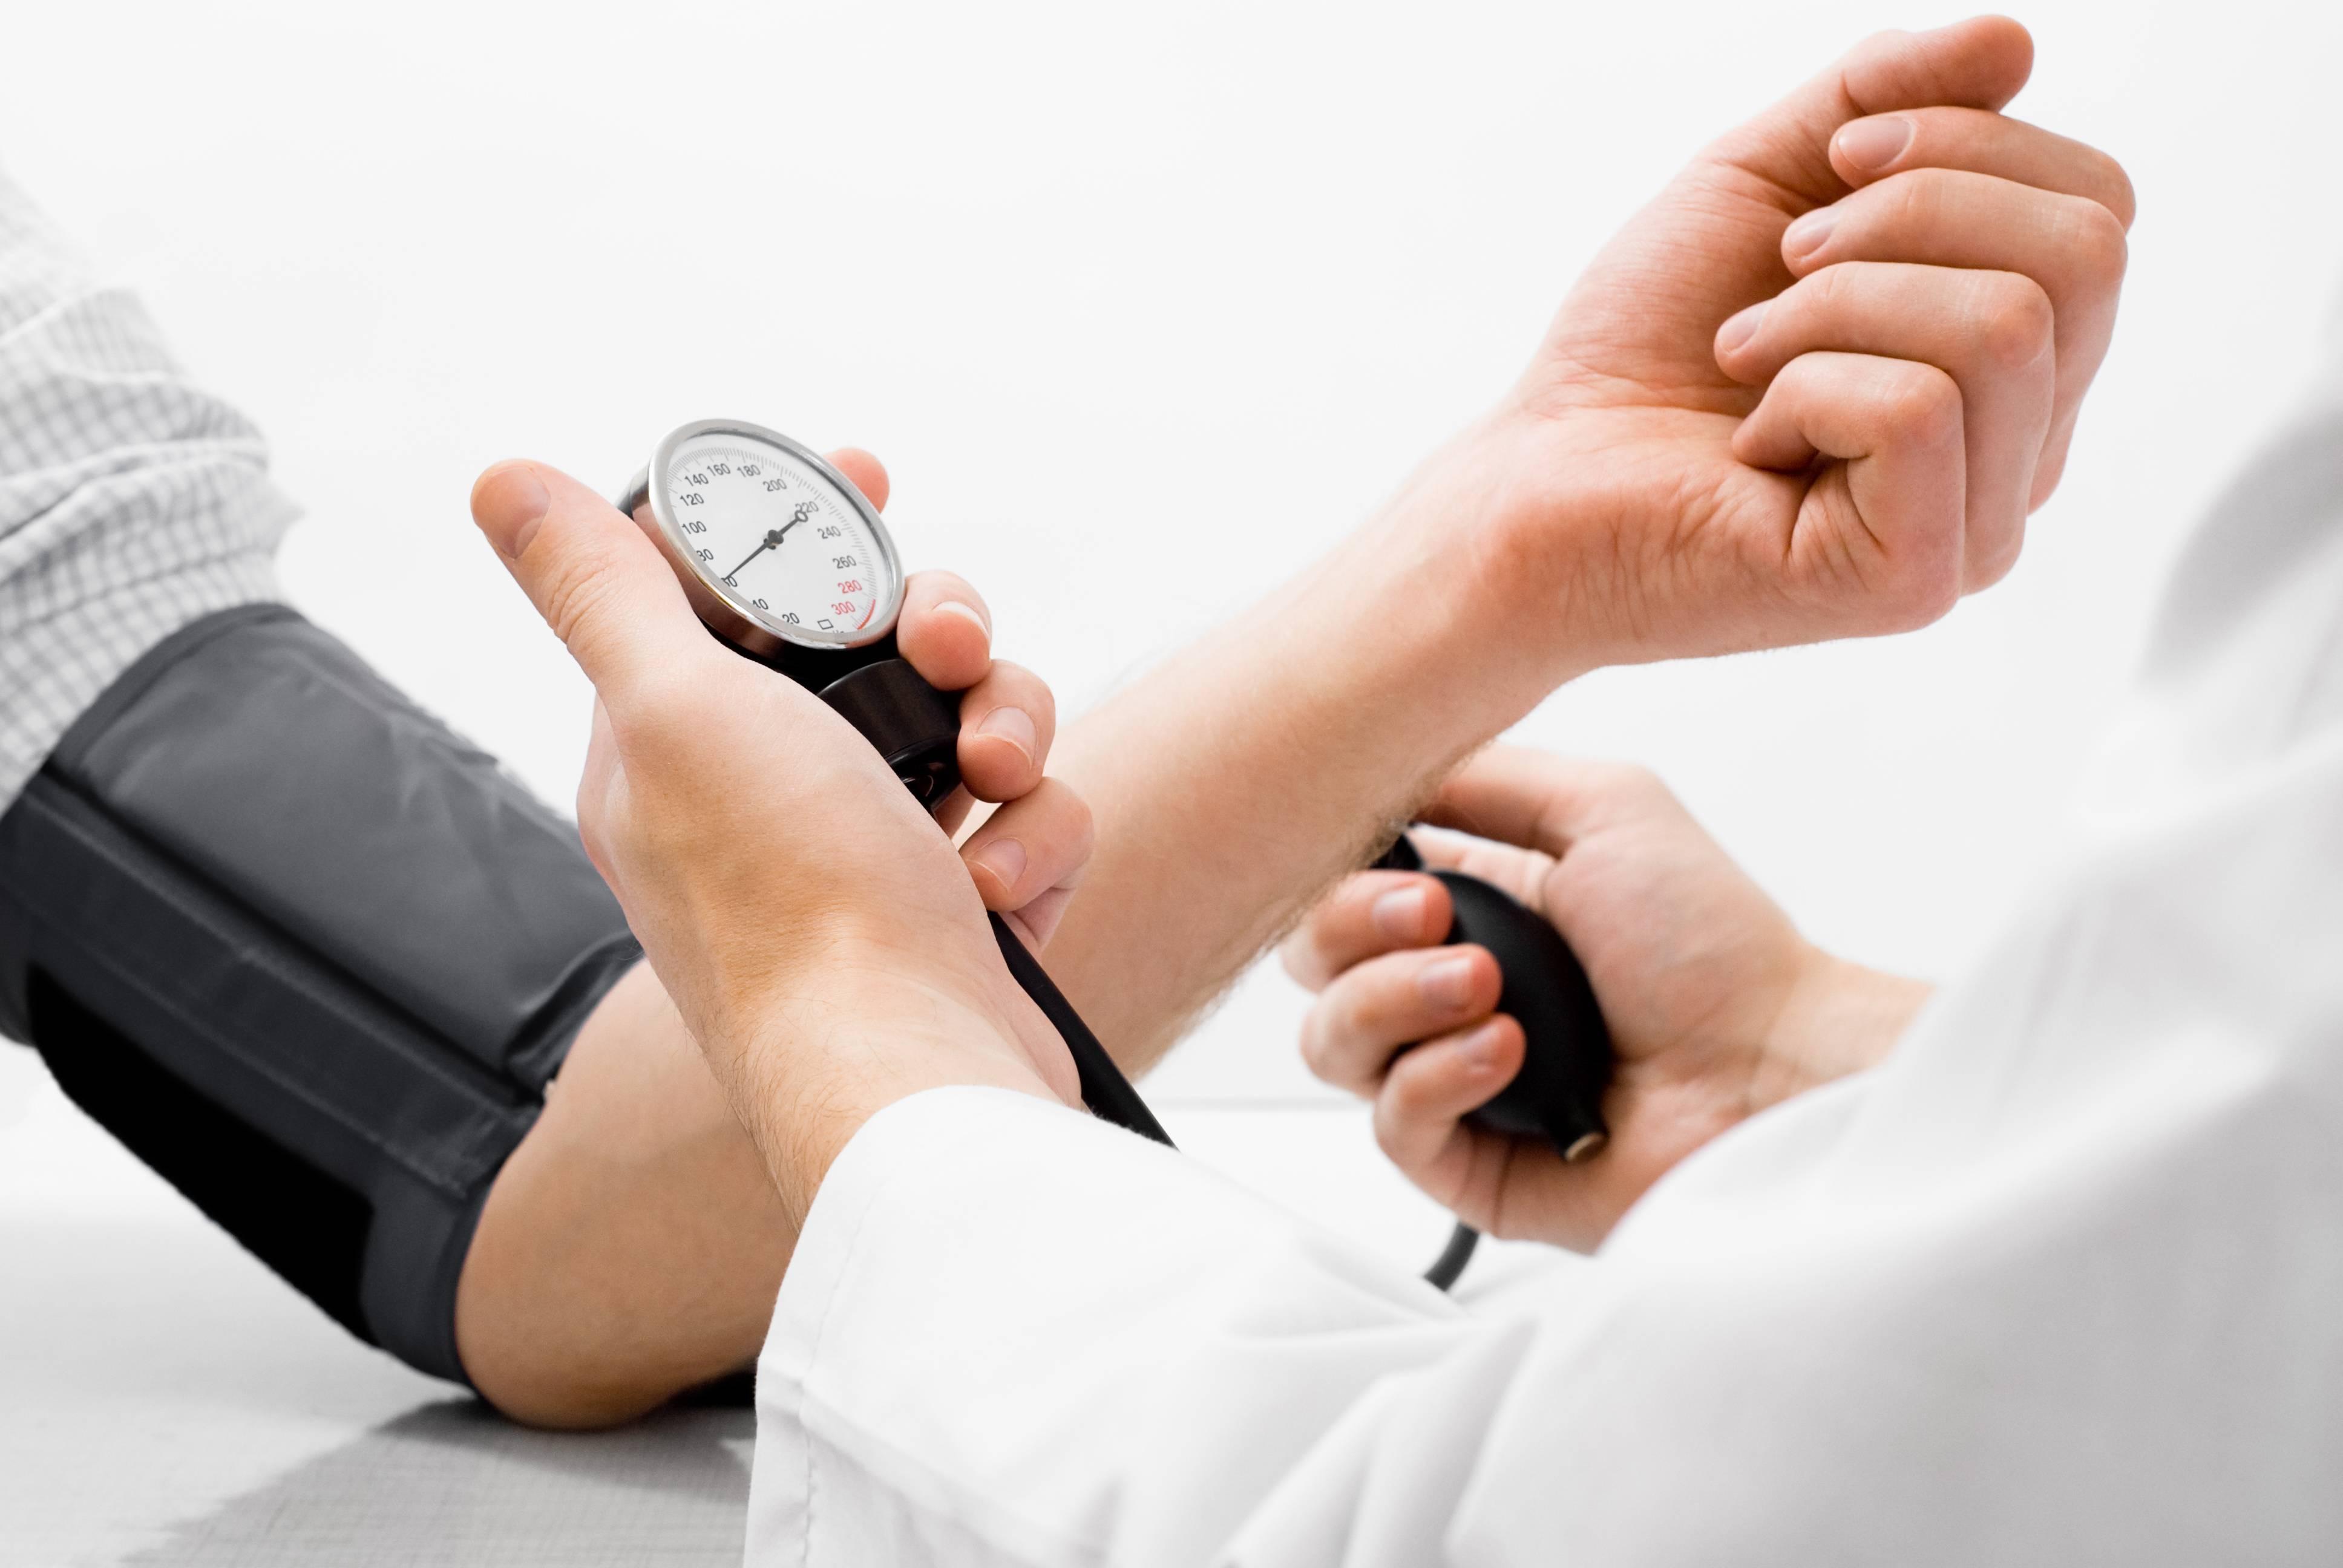 مضادات الأكسدة تخفّض ضغط الدم